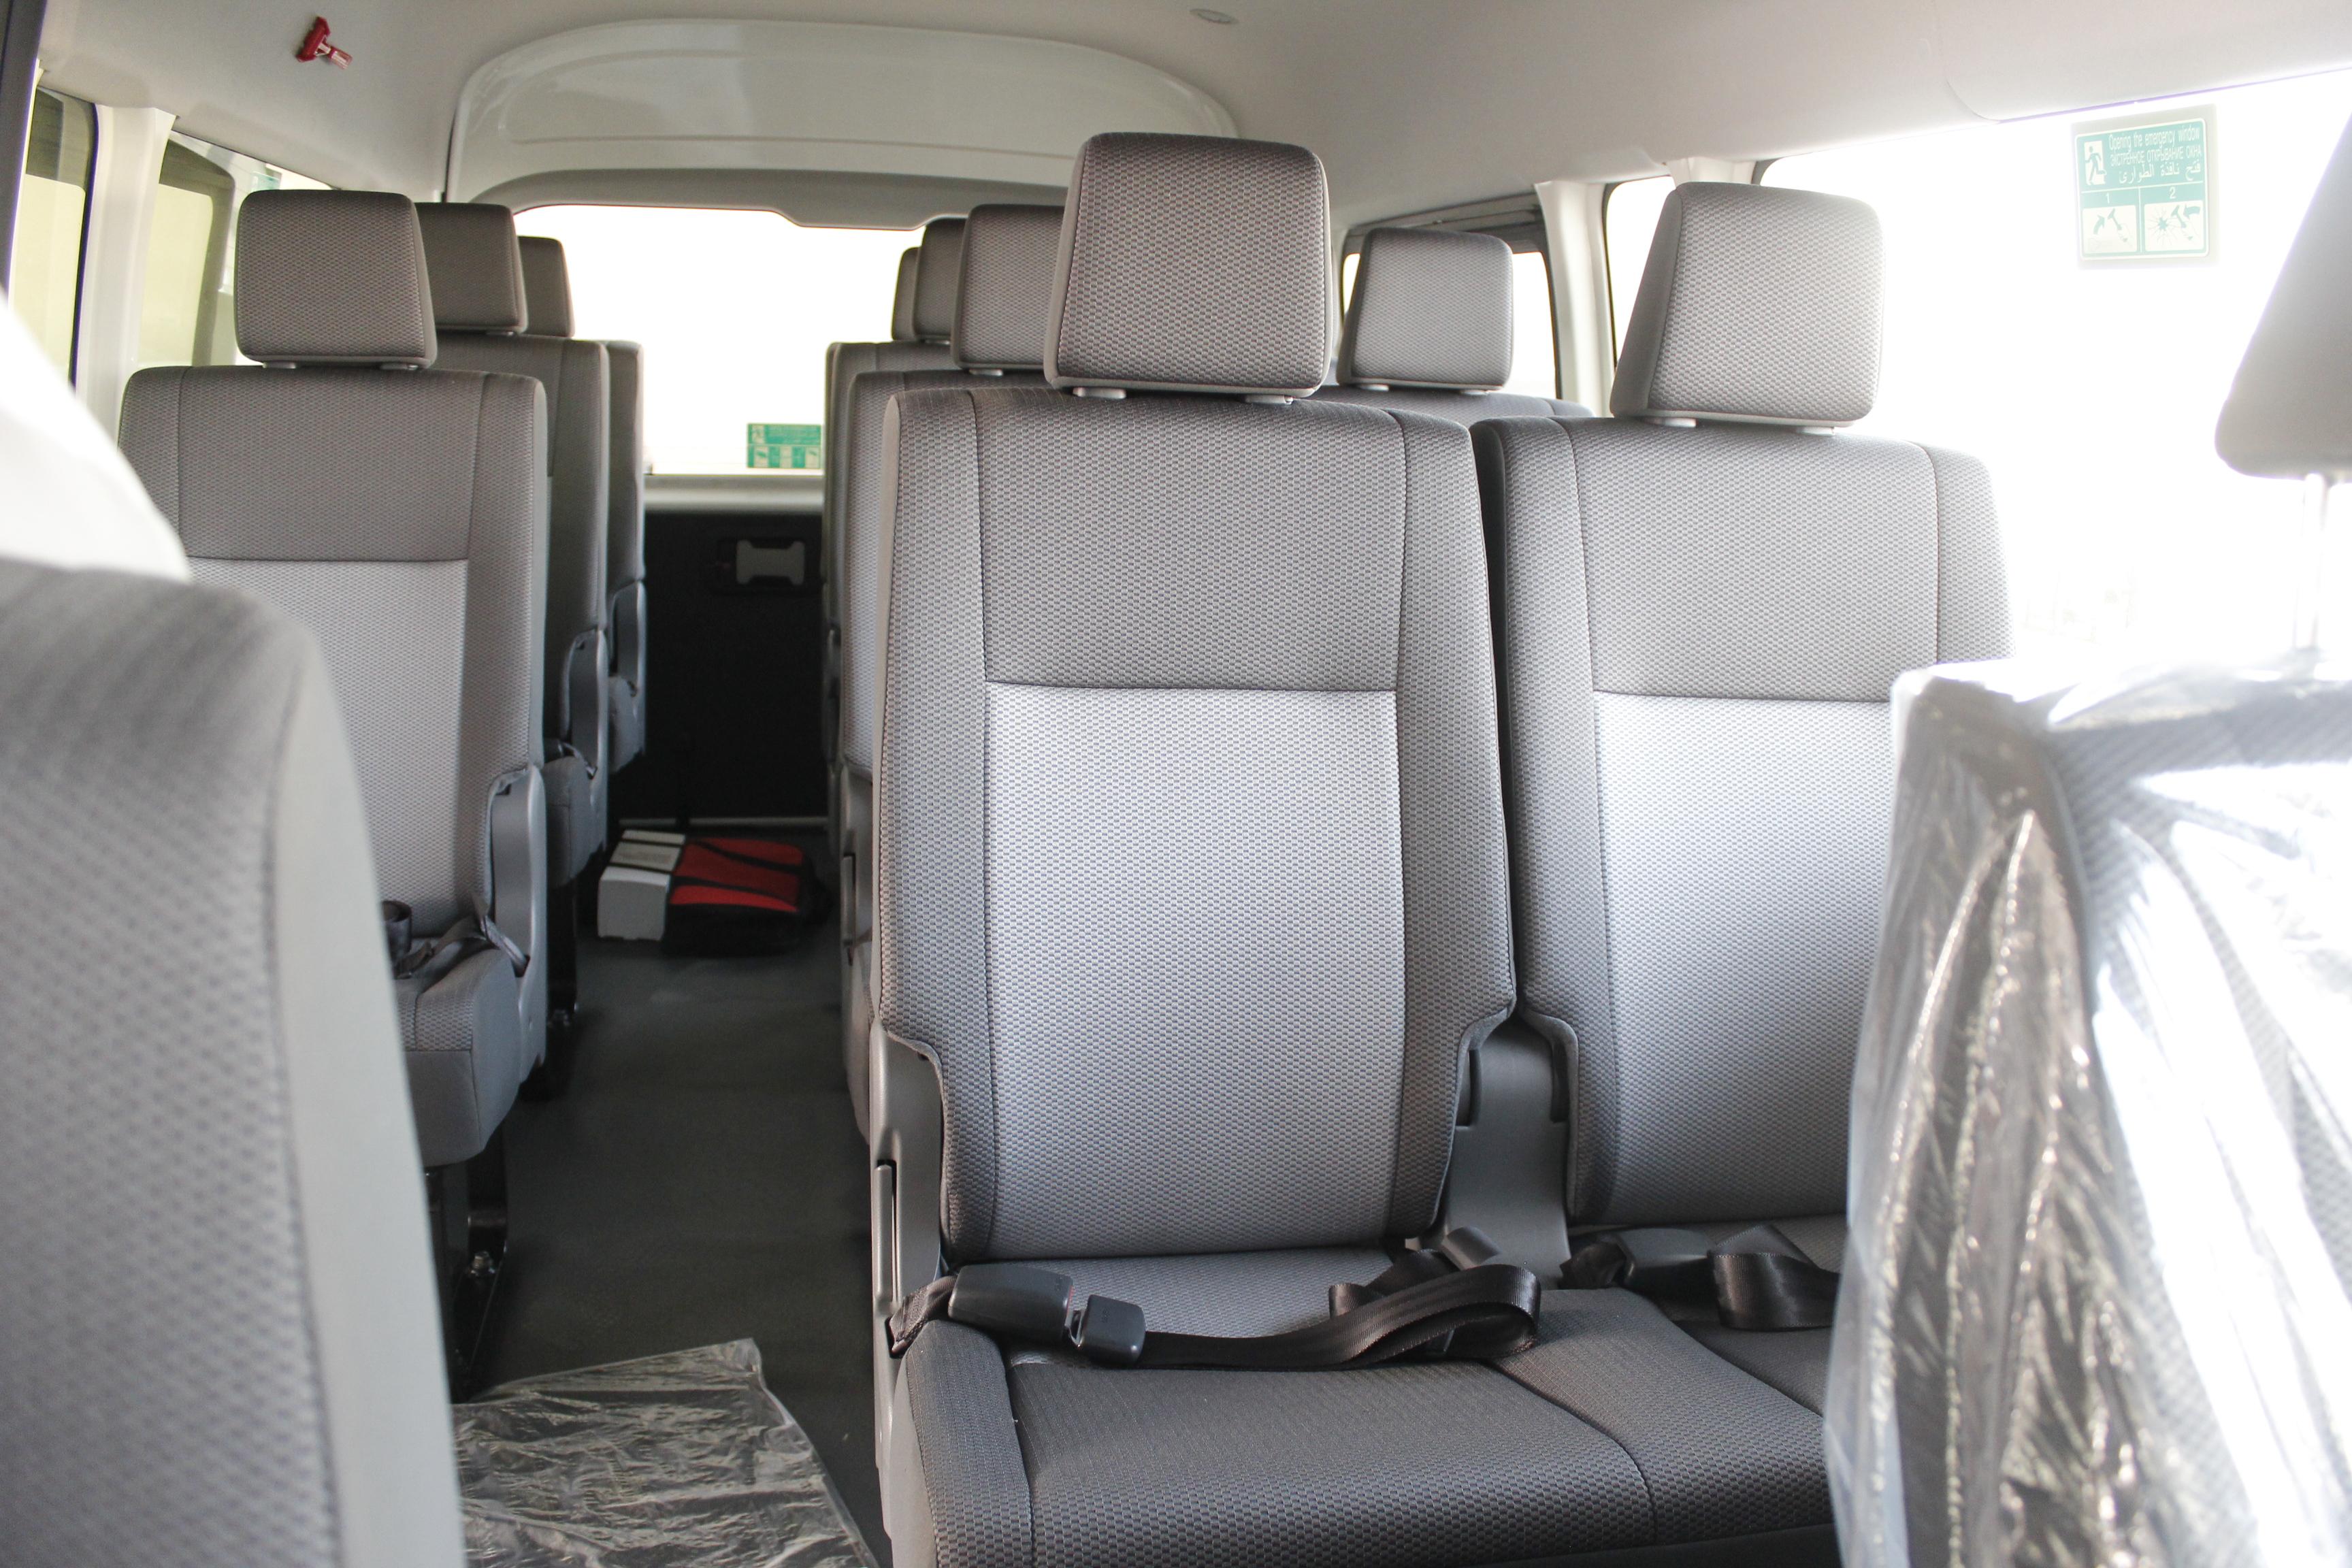 مباع - تويوتا  هايس  ركاب  2022 سعودي 13 راكب للبيع في الرياض - السعودية - صورة كبيرة - 8